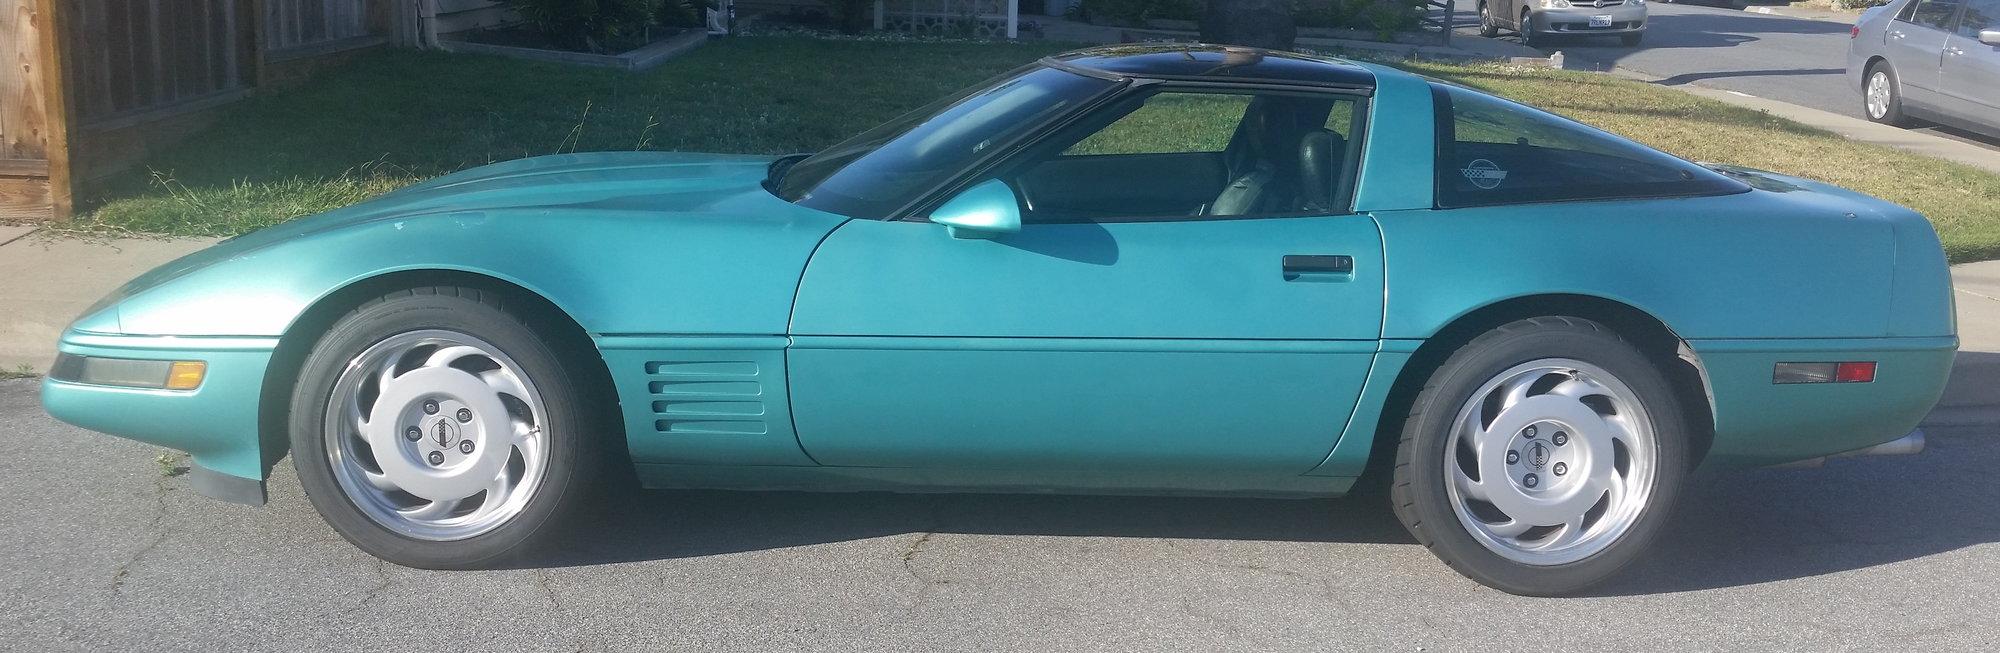 1991 Turquoise Metallic automatic - CorvetteForum